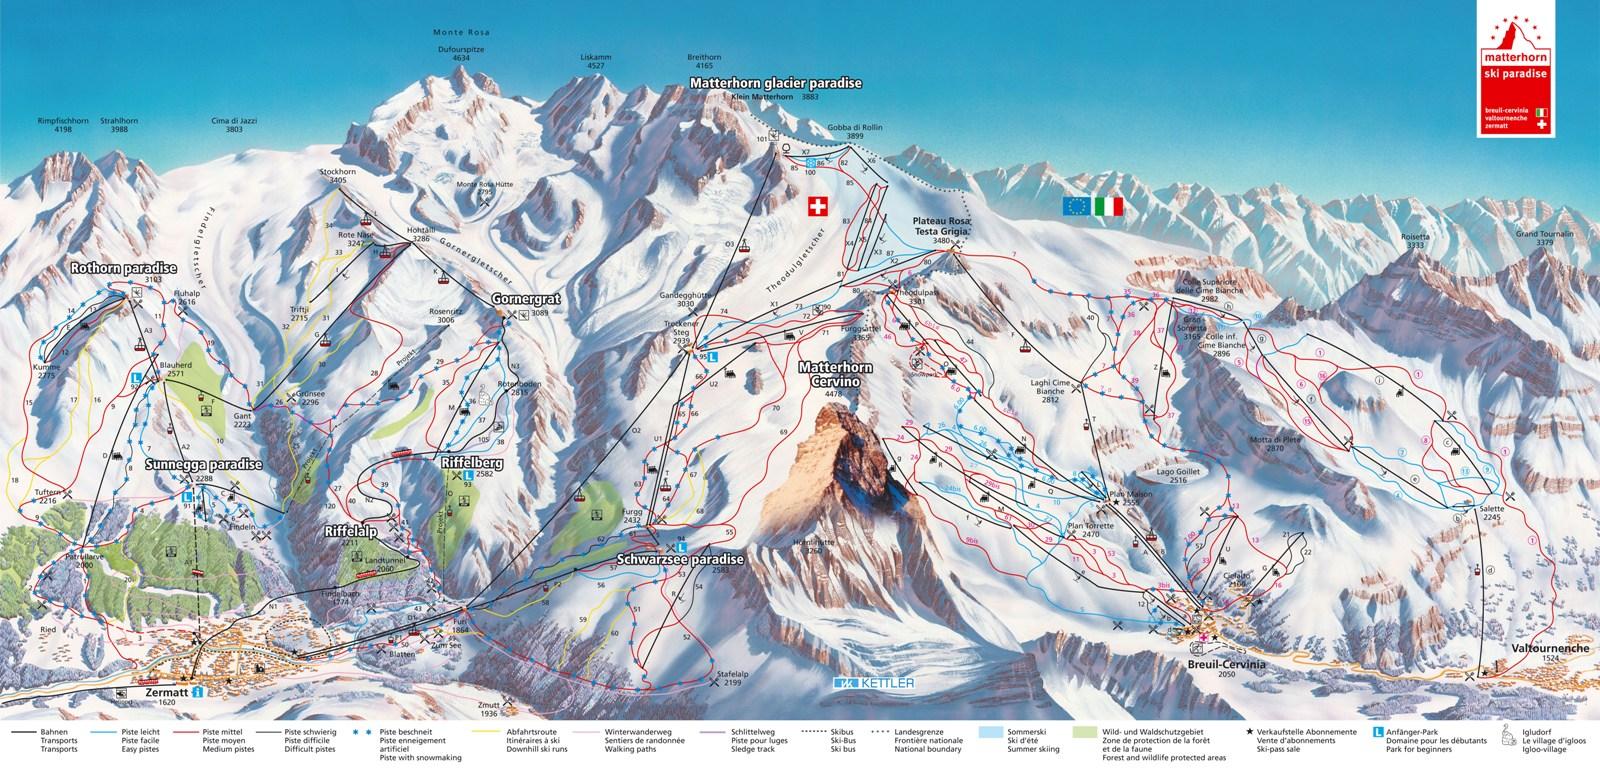 Aosta-völgy, Cervinia